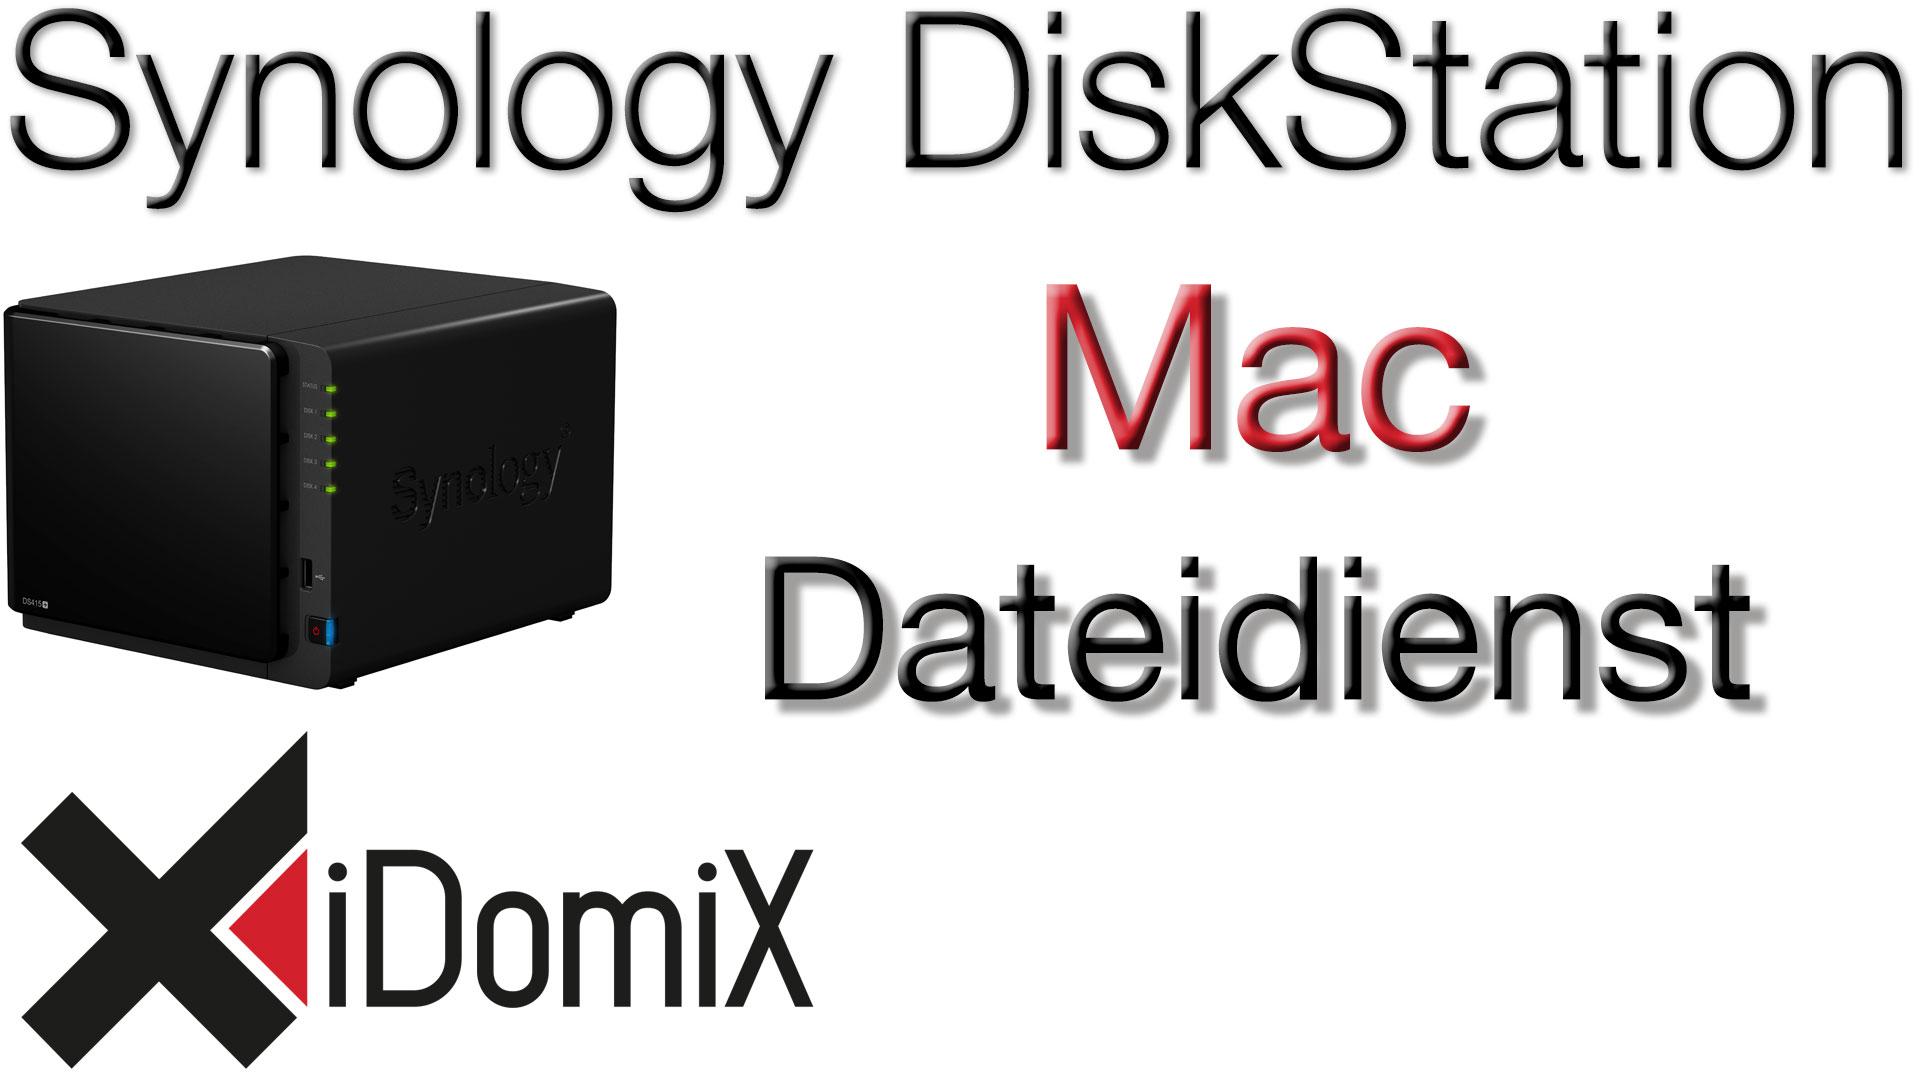 #322 Synology DiskStation DSM 6 Mac Dateidienst einrichten